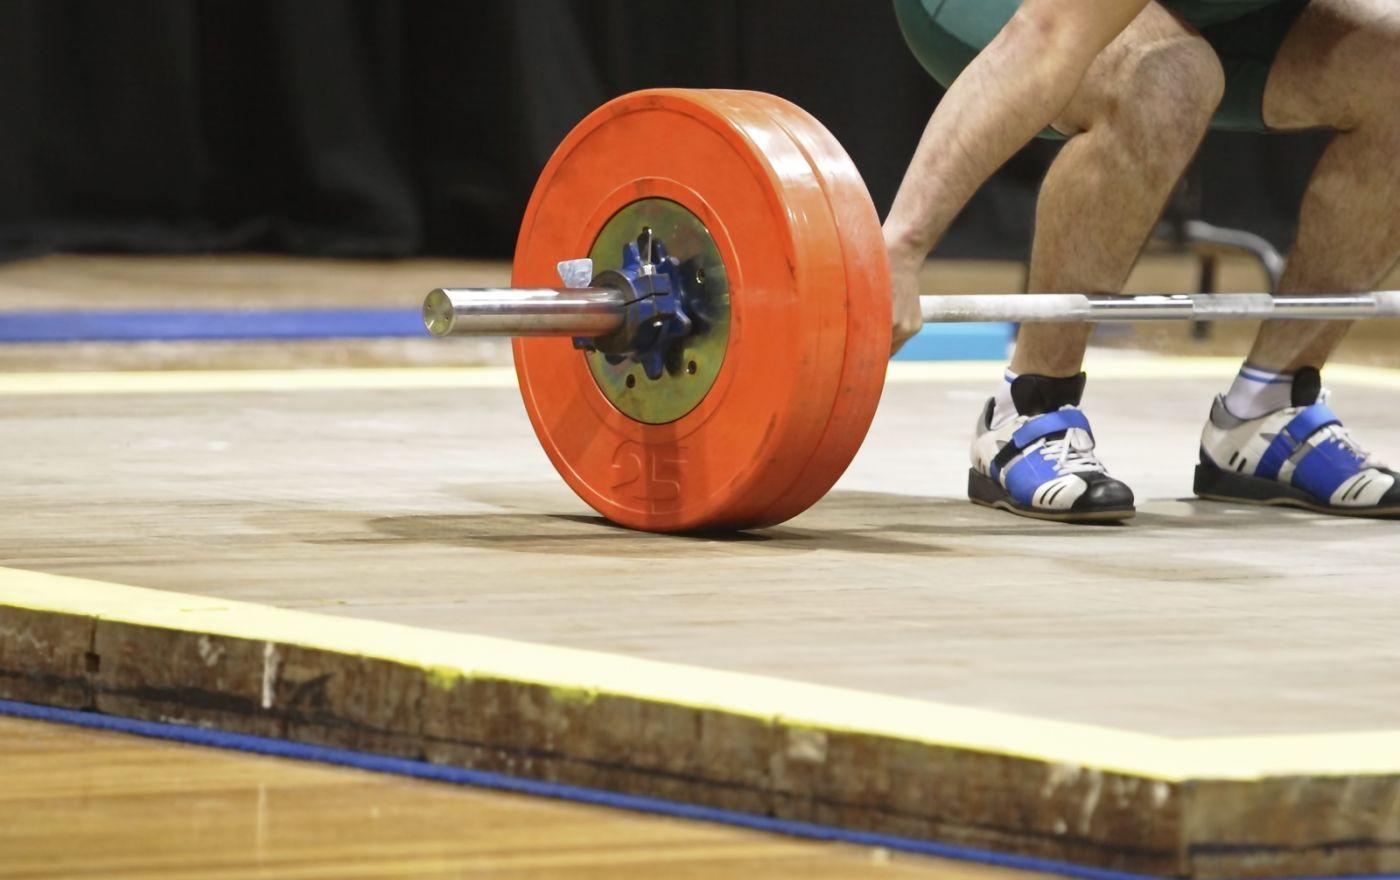 Ставропольские штангисты завоевали 4 медали первенства России по тяжёлой атлетике